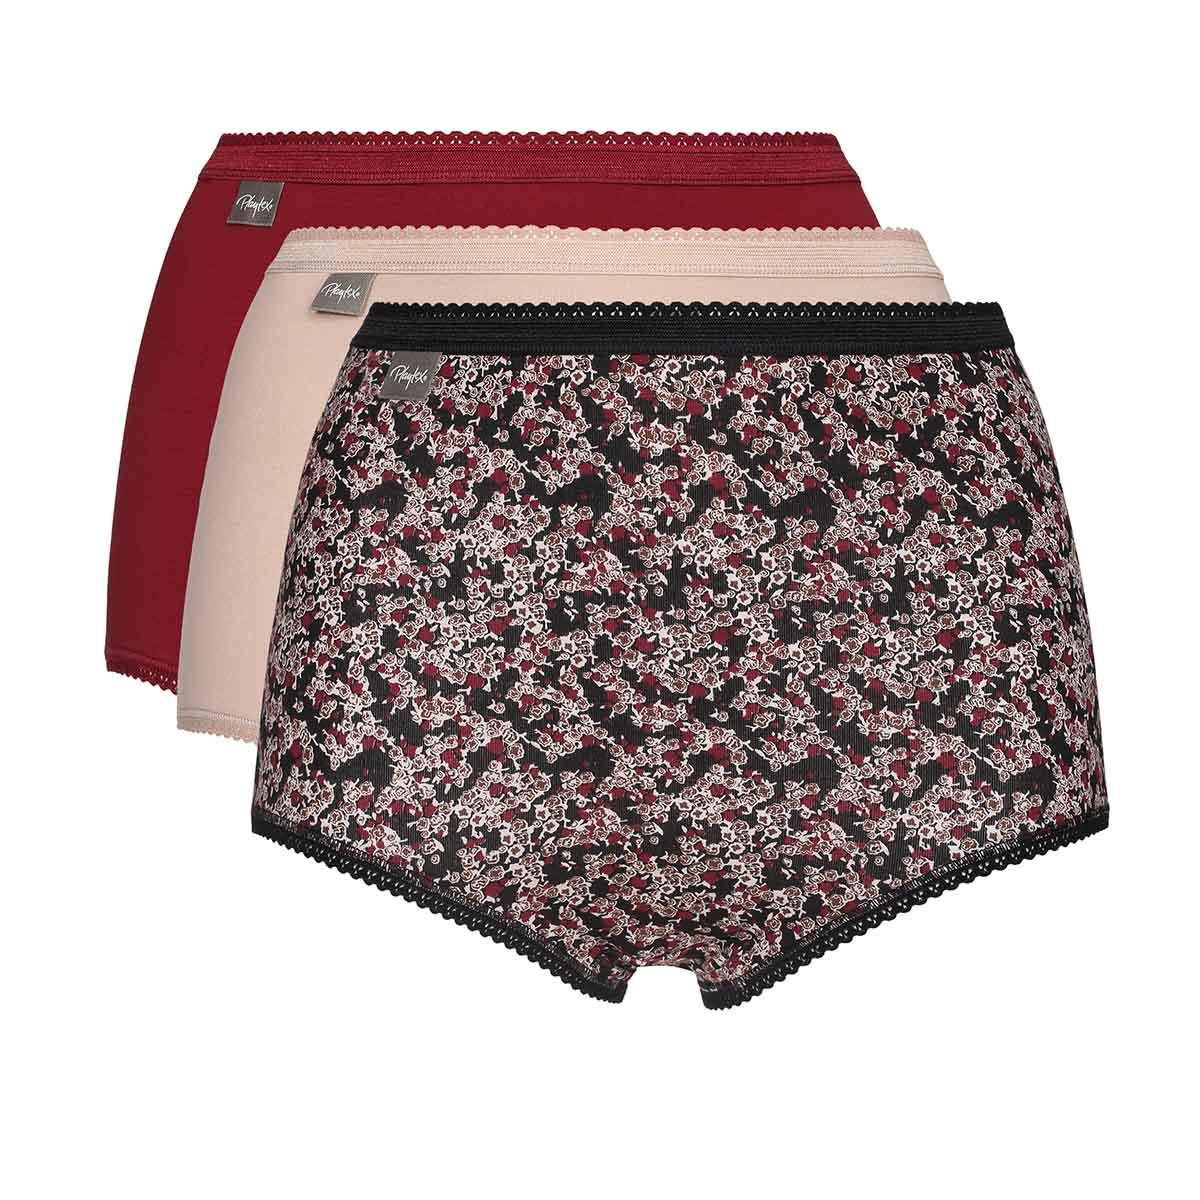 Lot de 3 culottes taille haute rouge foncée, imprimée fleurs et beige Coton Stretch, , PLAYTEX